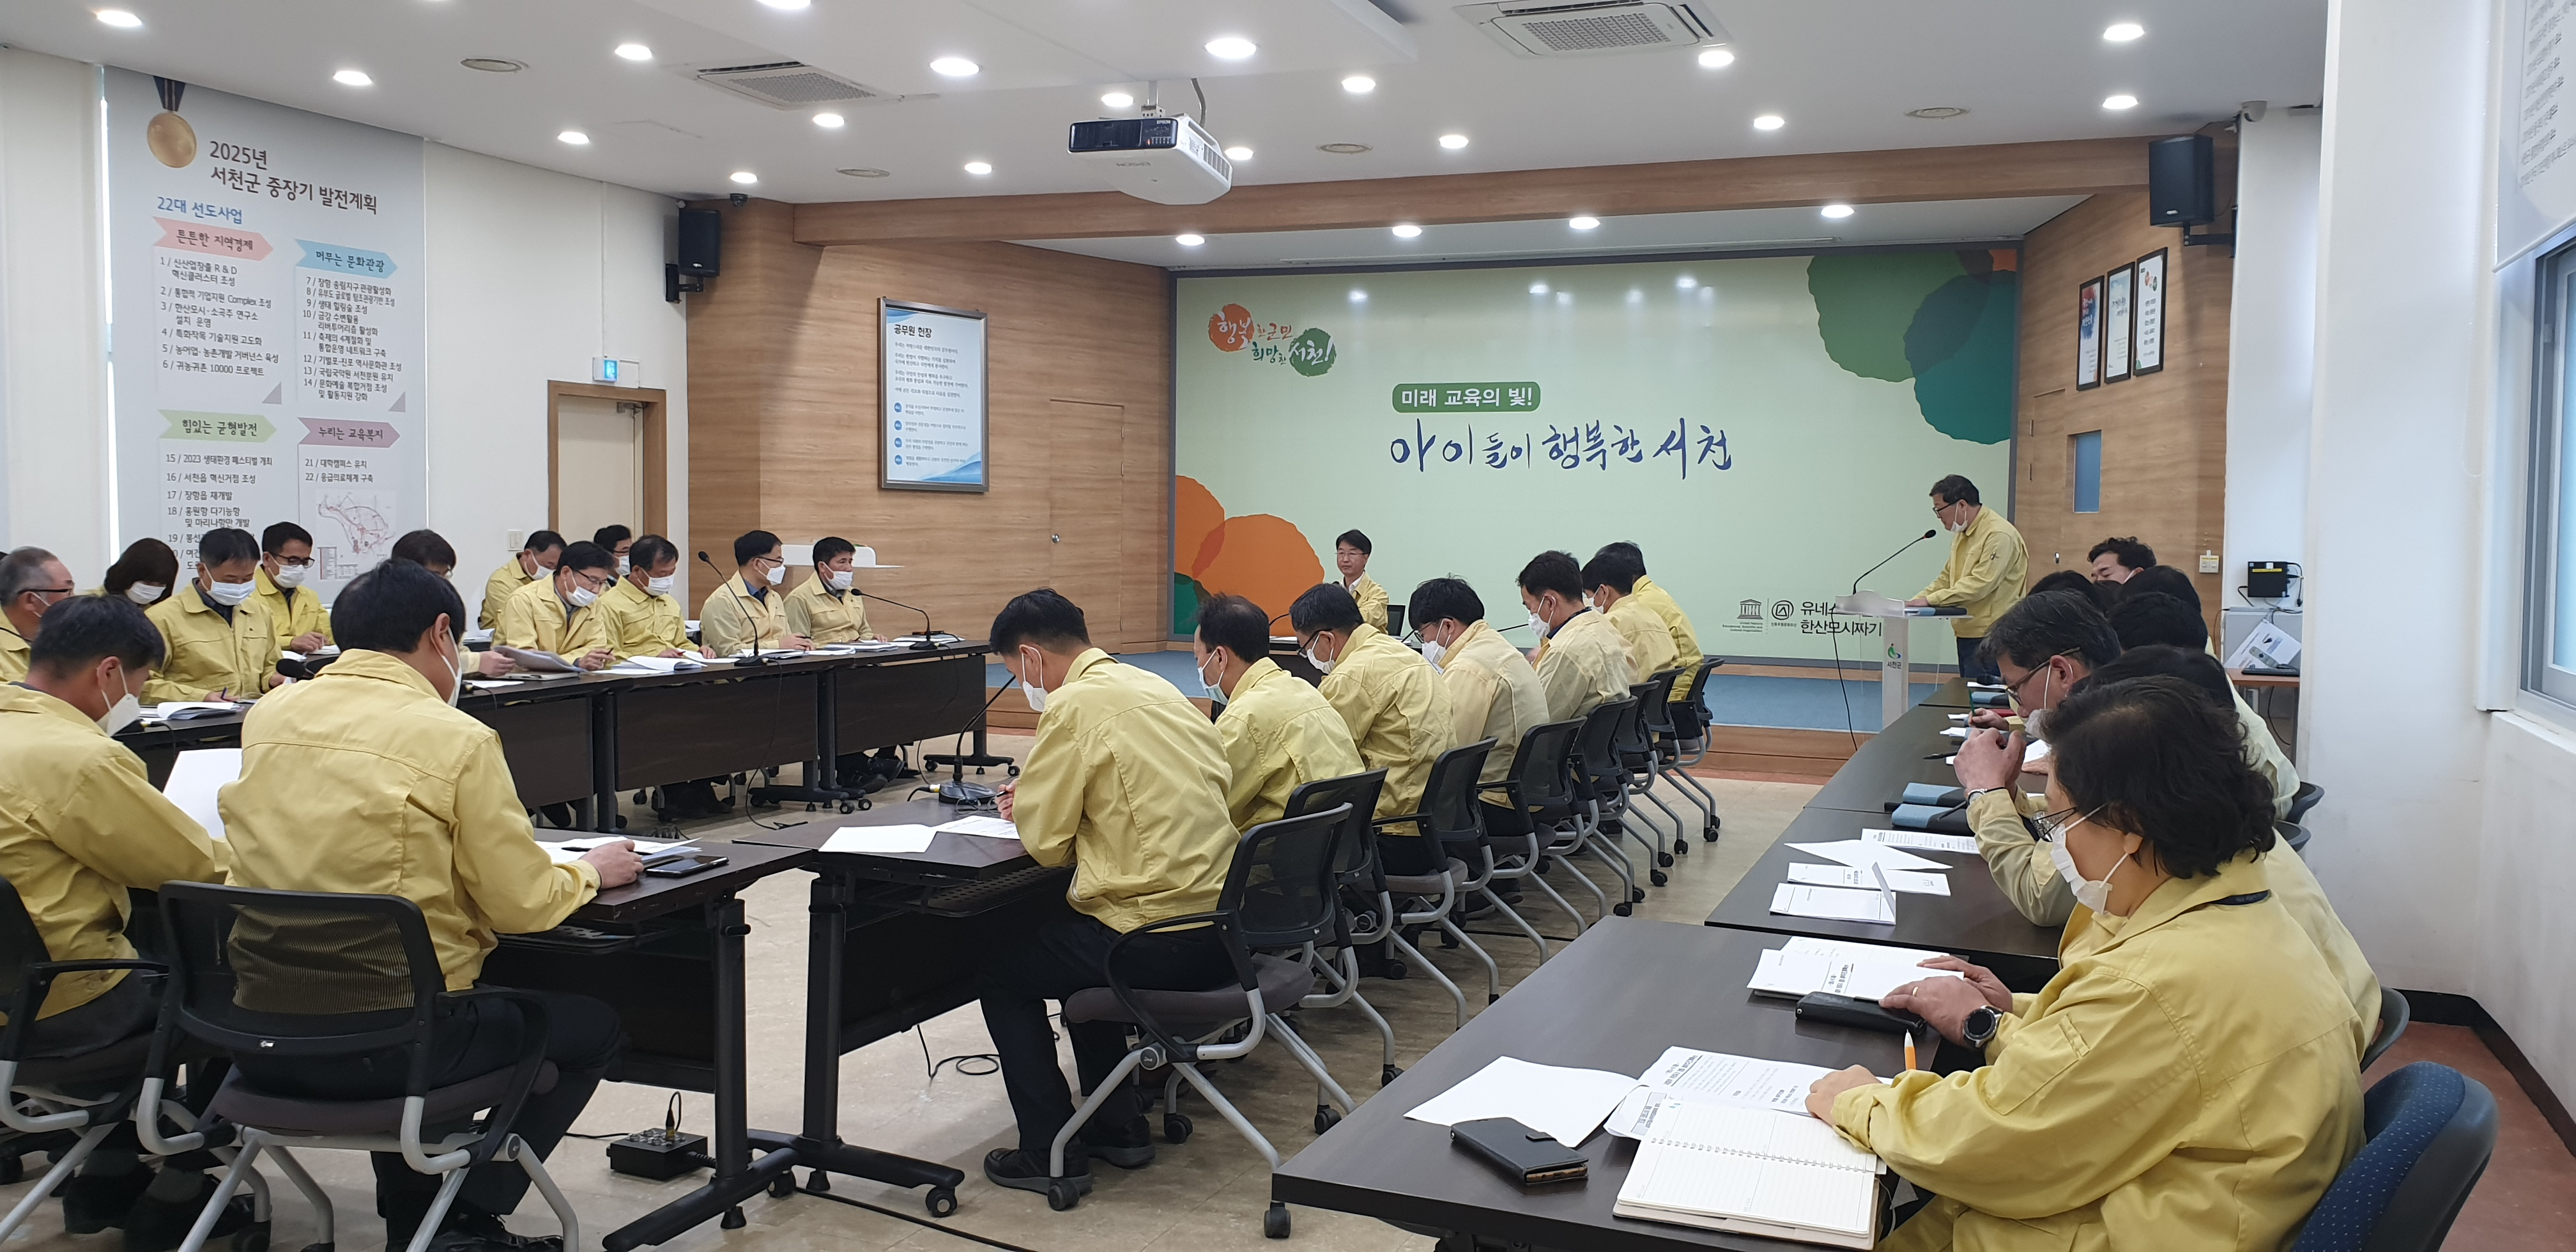 서천군재난안전대책본부, 코로나19 긴급회의 실시